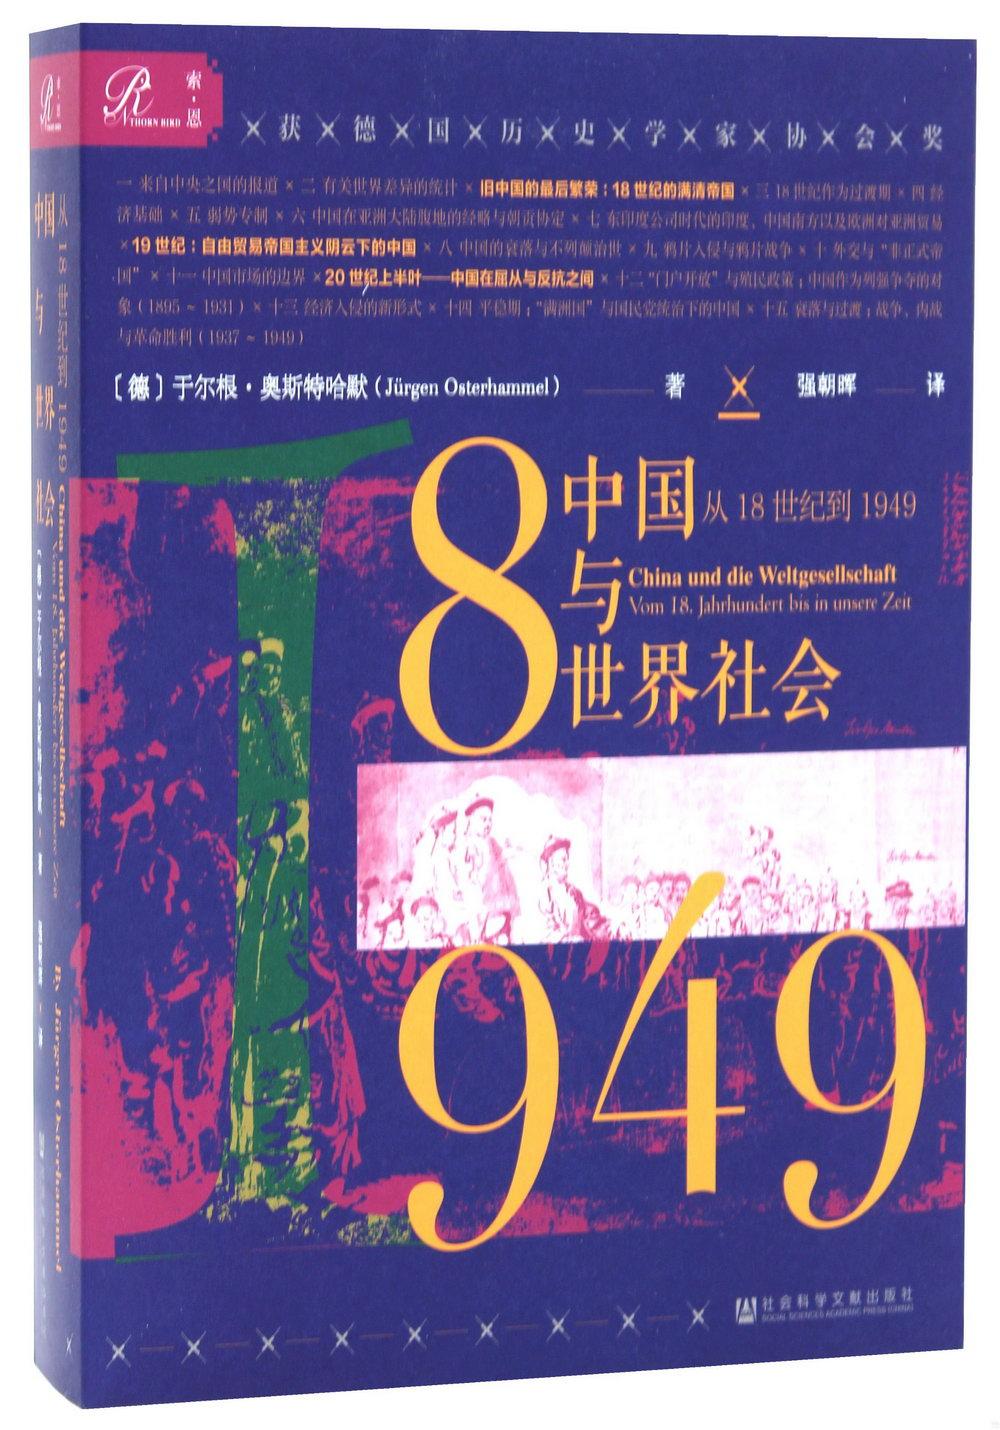 中國與世界社會:從18世紀到1949